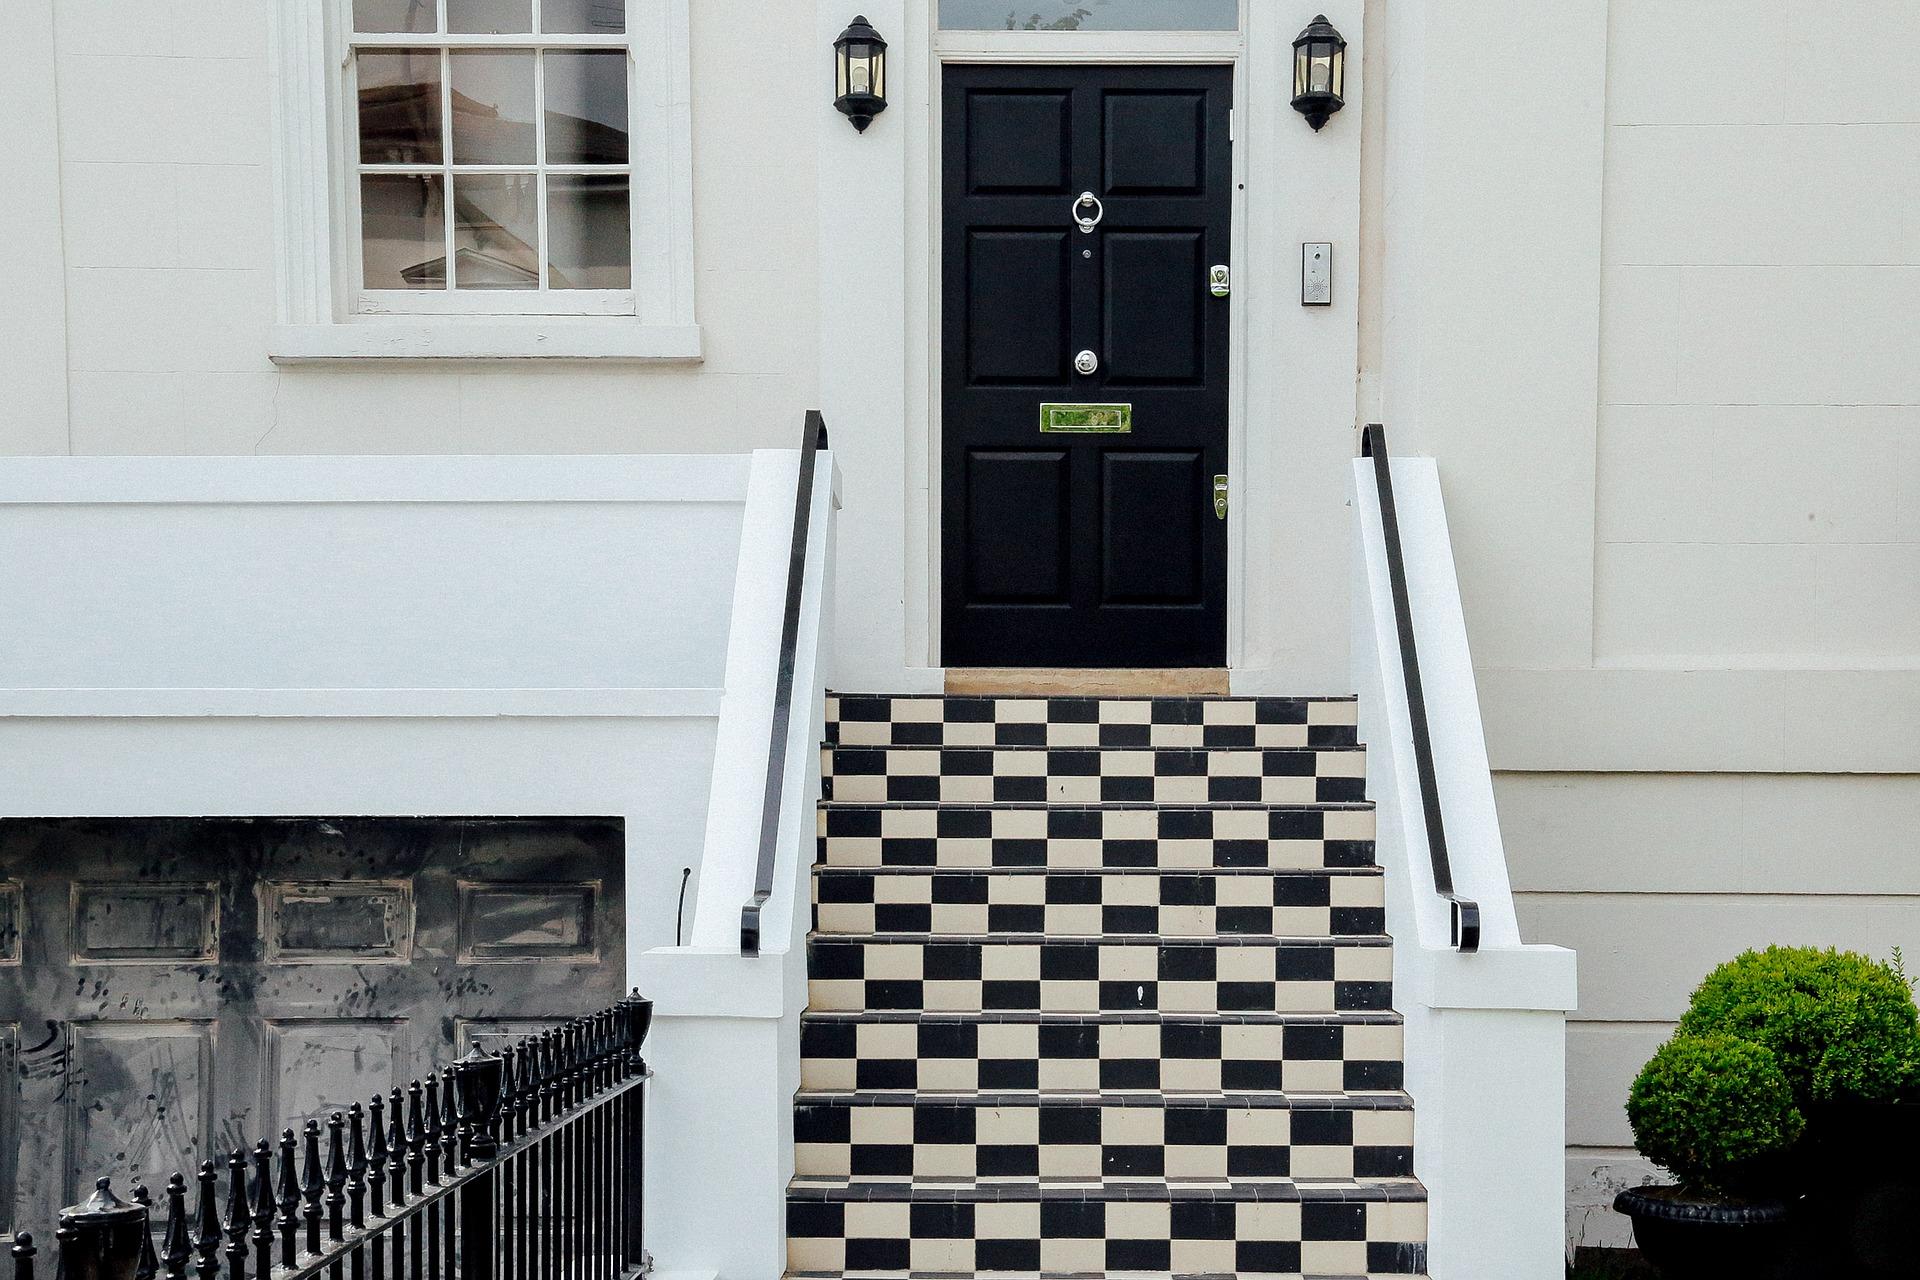 Ingresso outdoor con rampe in bianco e nero a scacchi